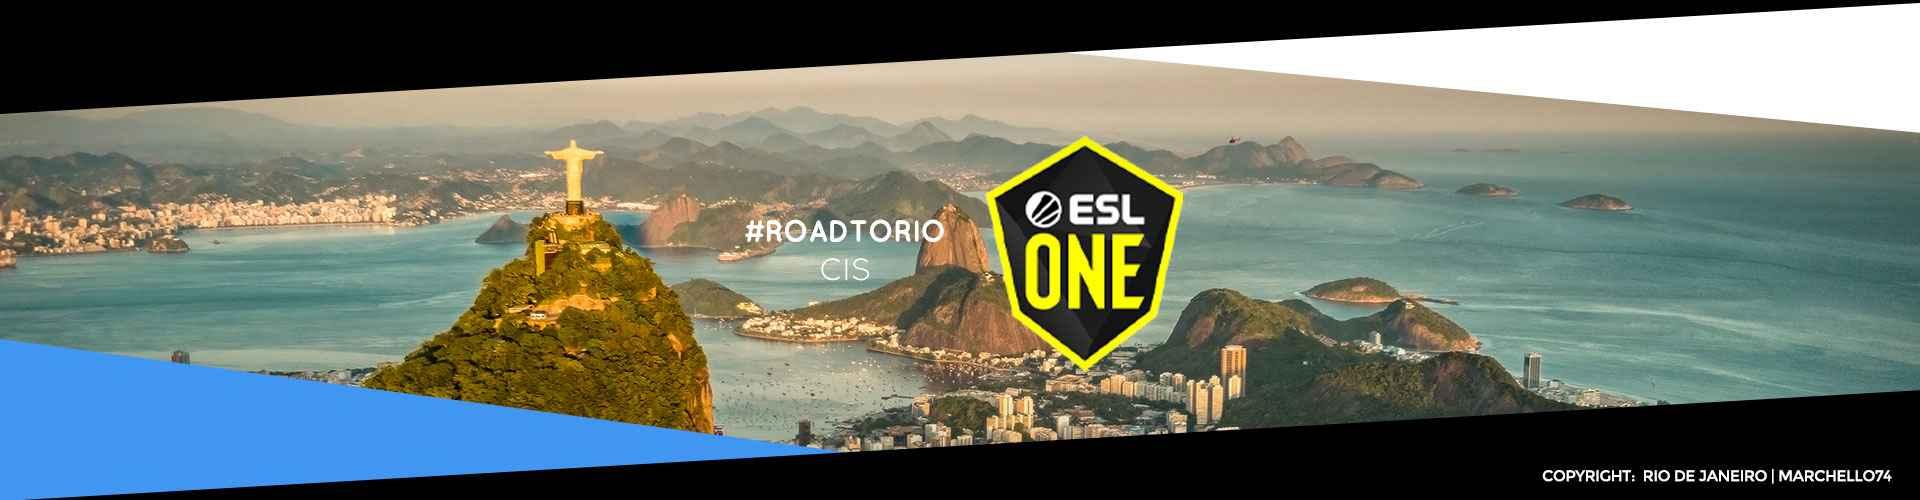 Eventsida för CIS-regionens ESL One: Road to Rio